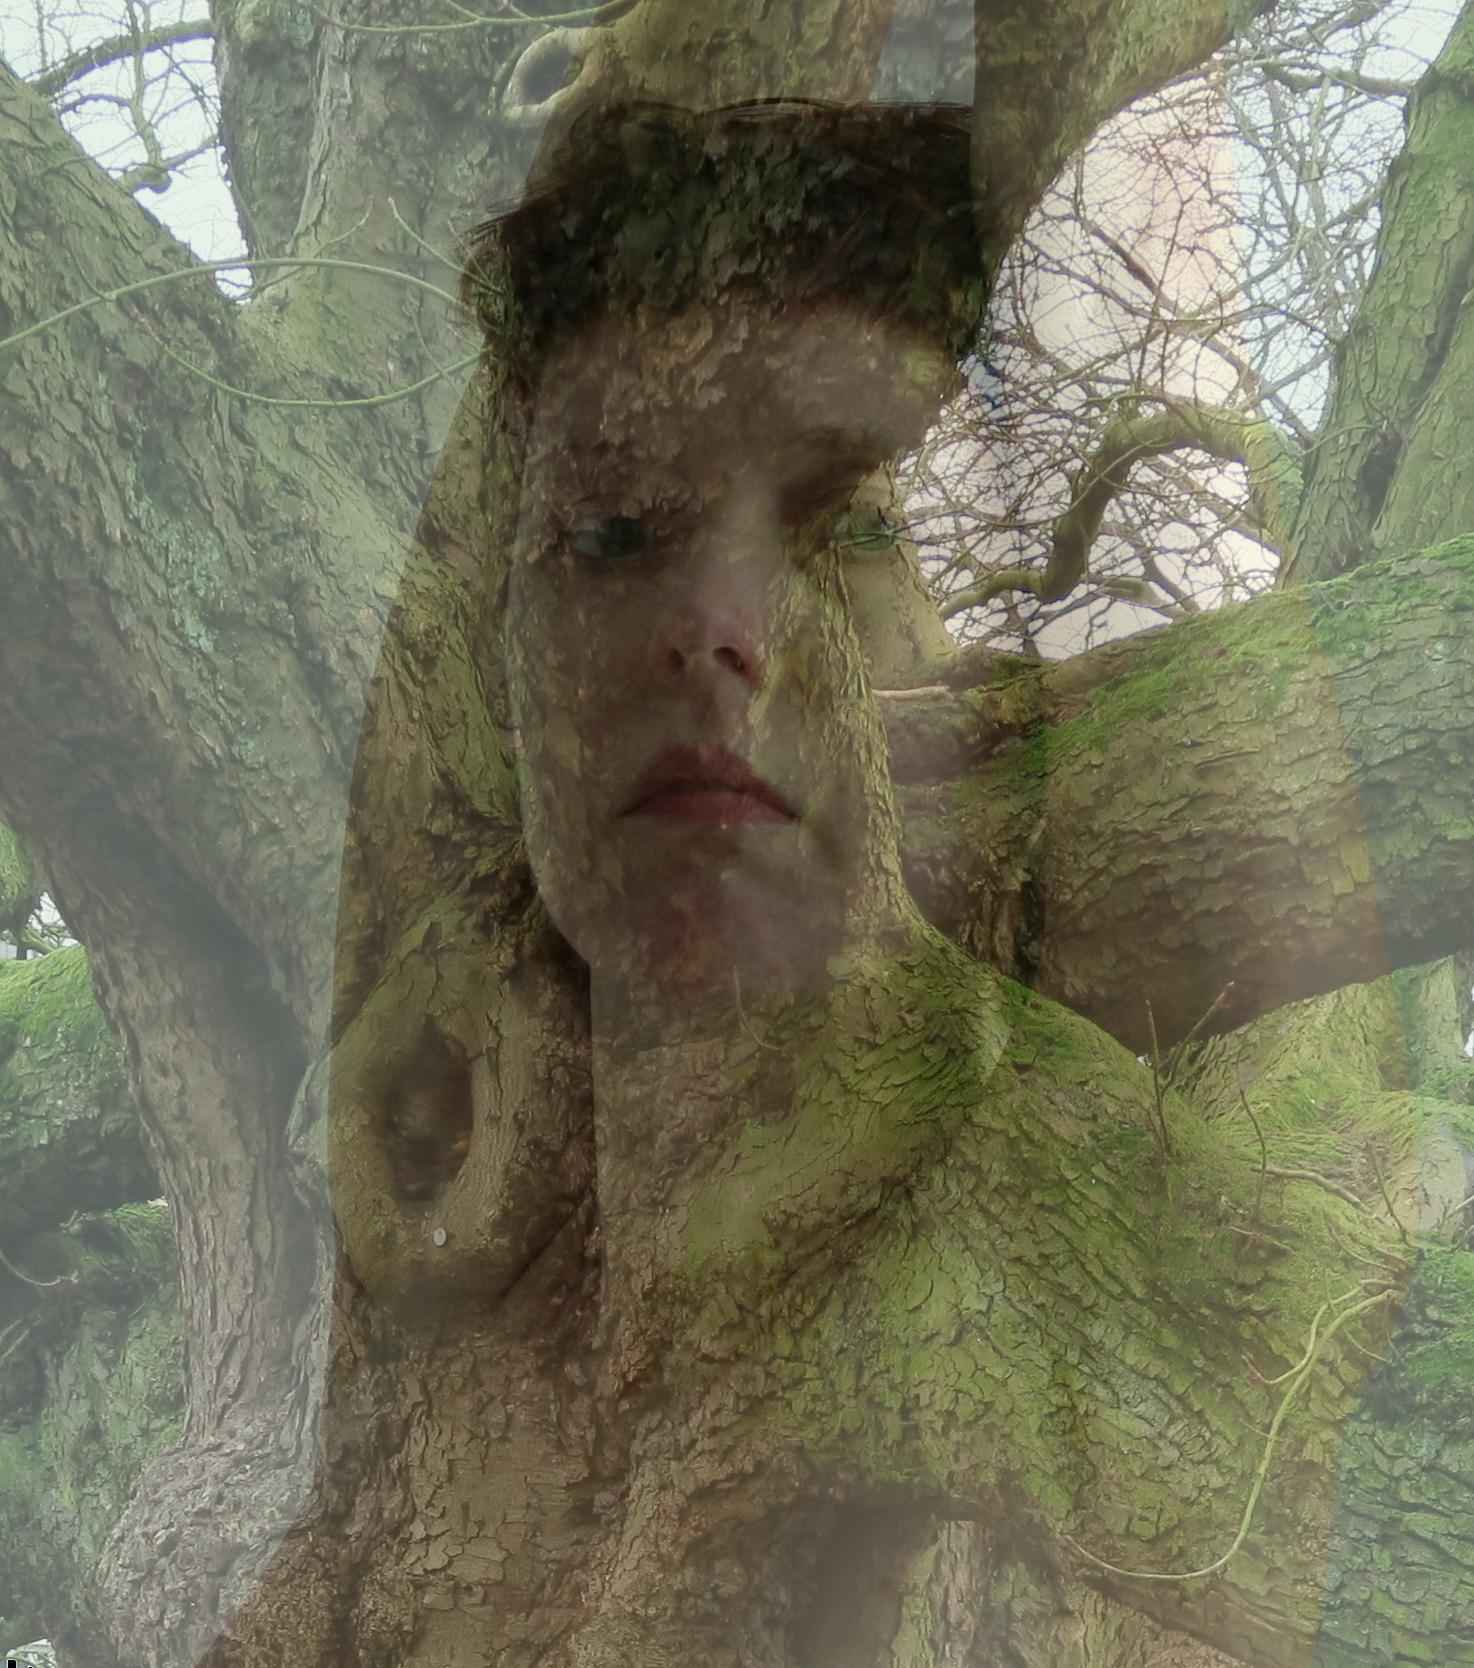 de_tail-celine-arbre-1516737610.png